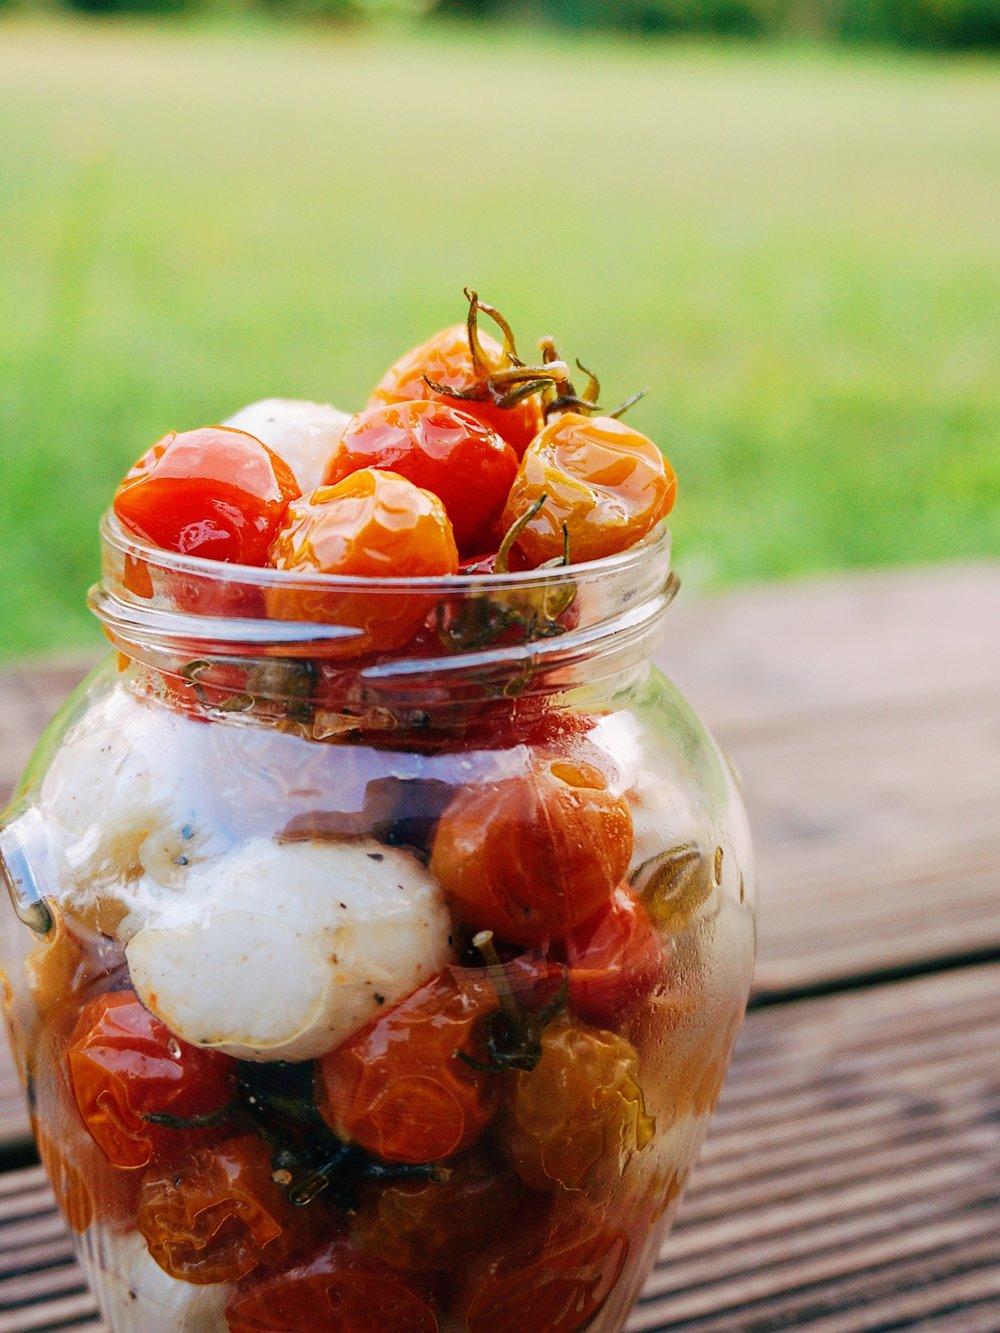 lēni gatavoti mazie tomātiņi uzkodām - ko darīt ar 493628 siltumnīcā izaudzētajiem ķirštomātiņiem? ar ko cienāt draugus, kuri ieradušies viesos? es saku, ka ar šito.